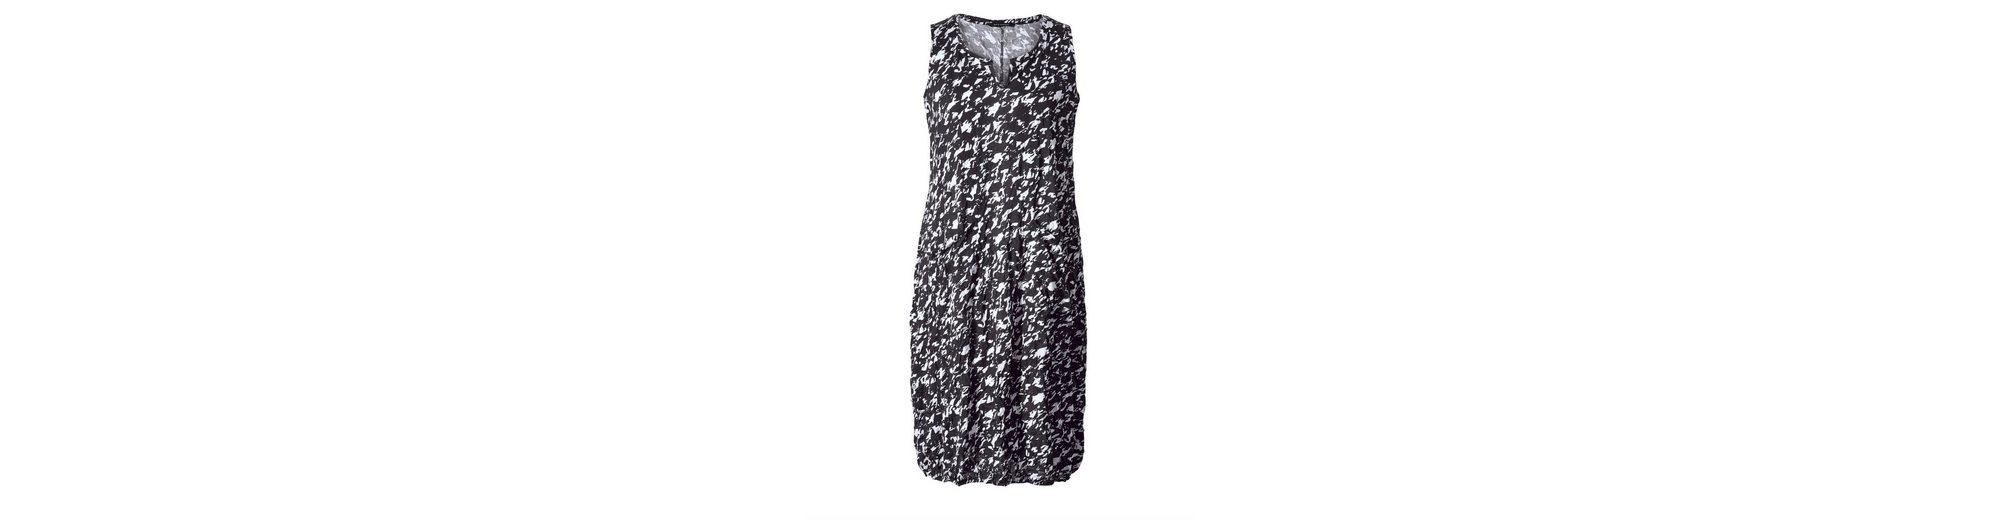 Sara Lindholm by Happy Size Crash-Kleid mit Allover-Print Billige Offizielle Seite Günstig Kaufen Spielraum Store Neue Stile Günstig Online Günstig Kaufen Eastbay GQtH5q3